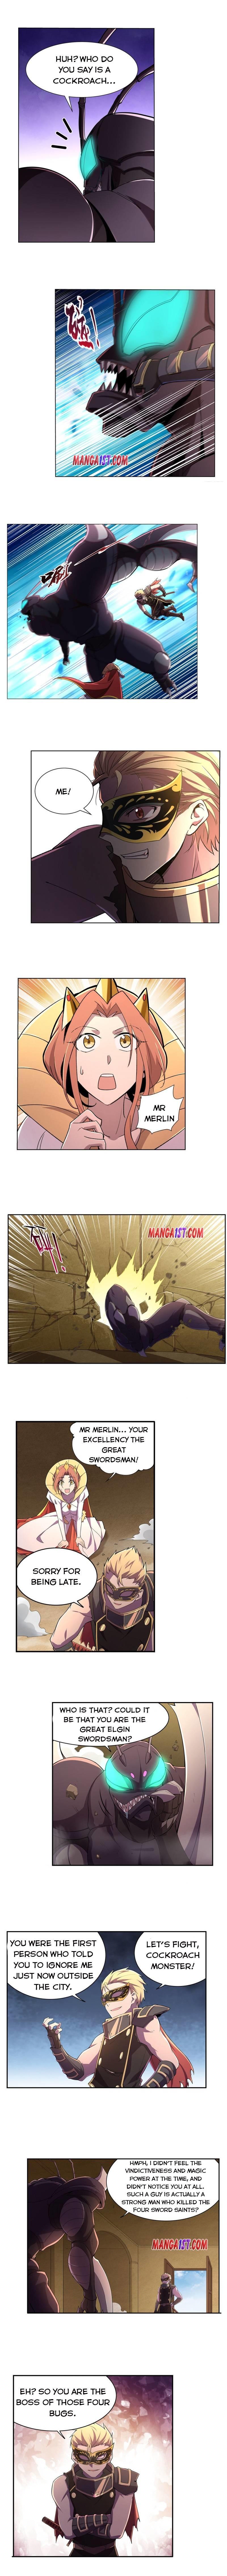 The Demon King Who Lost His Job Chapter 189 page 5 - Mangakakalots.com